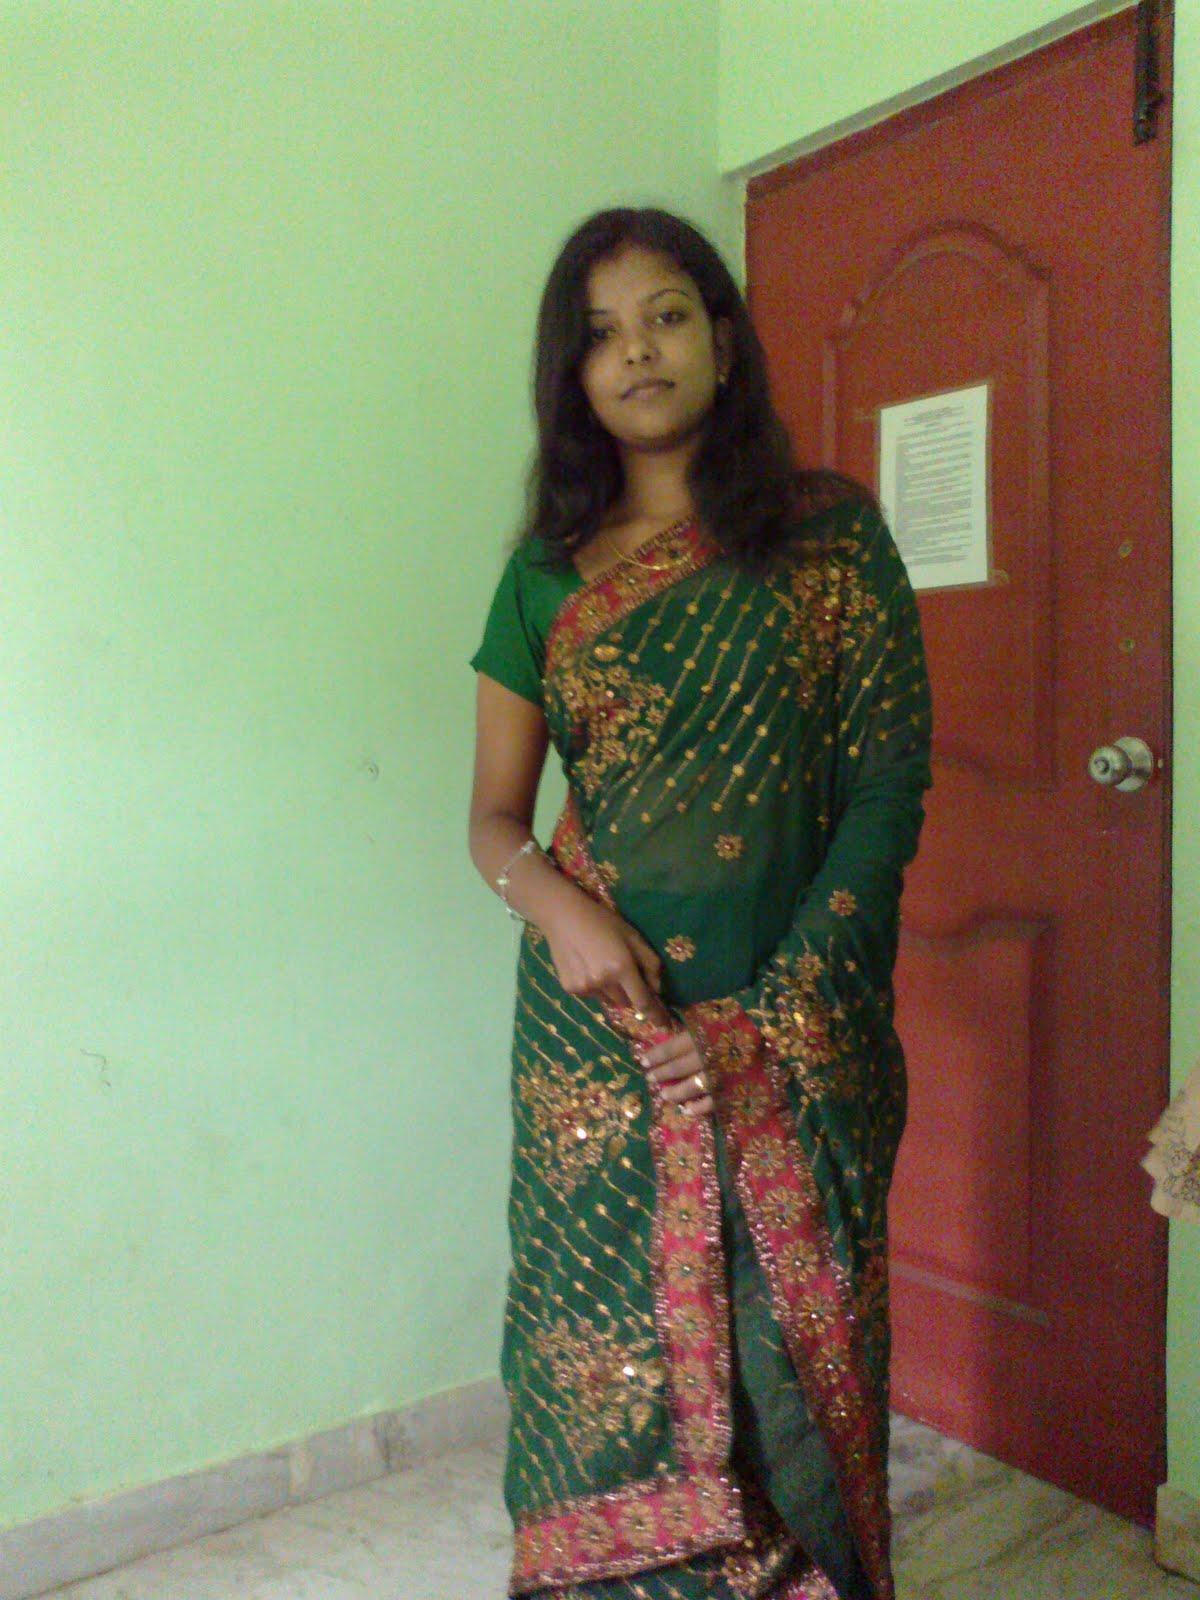 Indian Gf Transparent Saree Indian Girl-3770